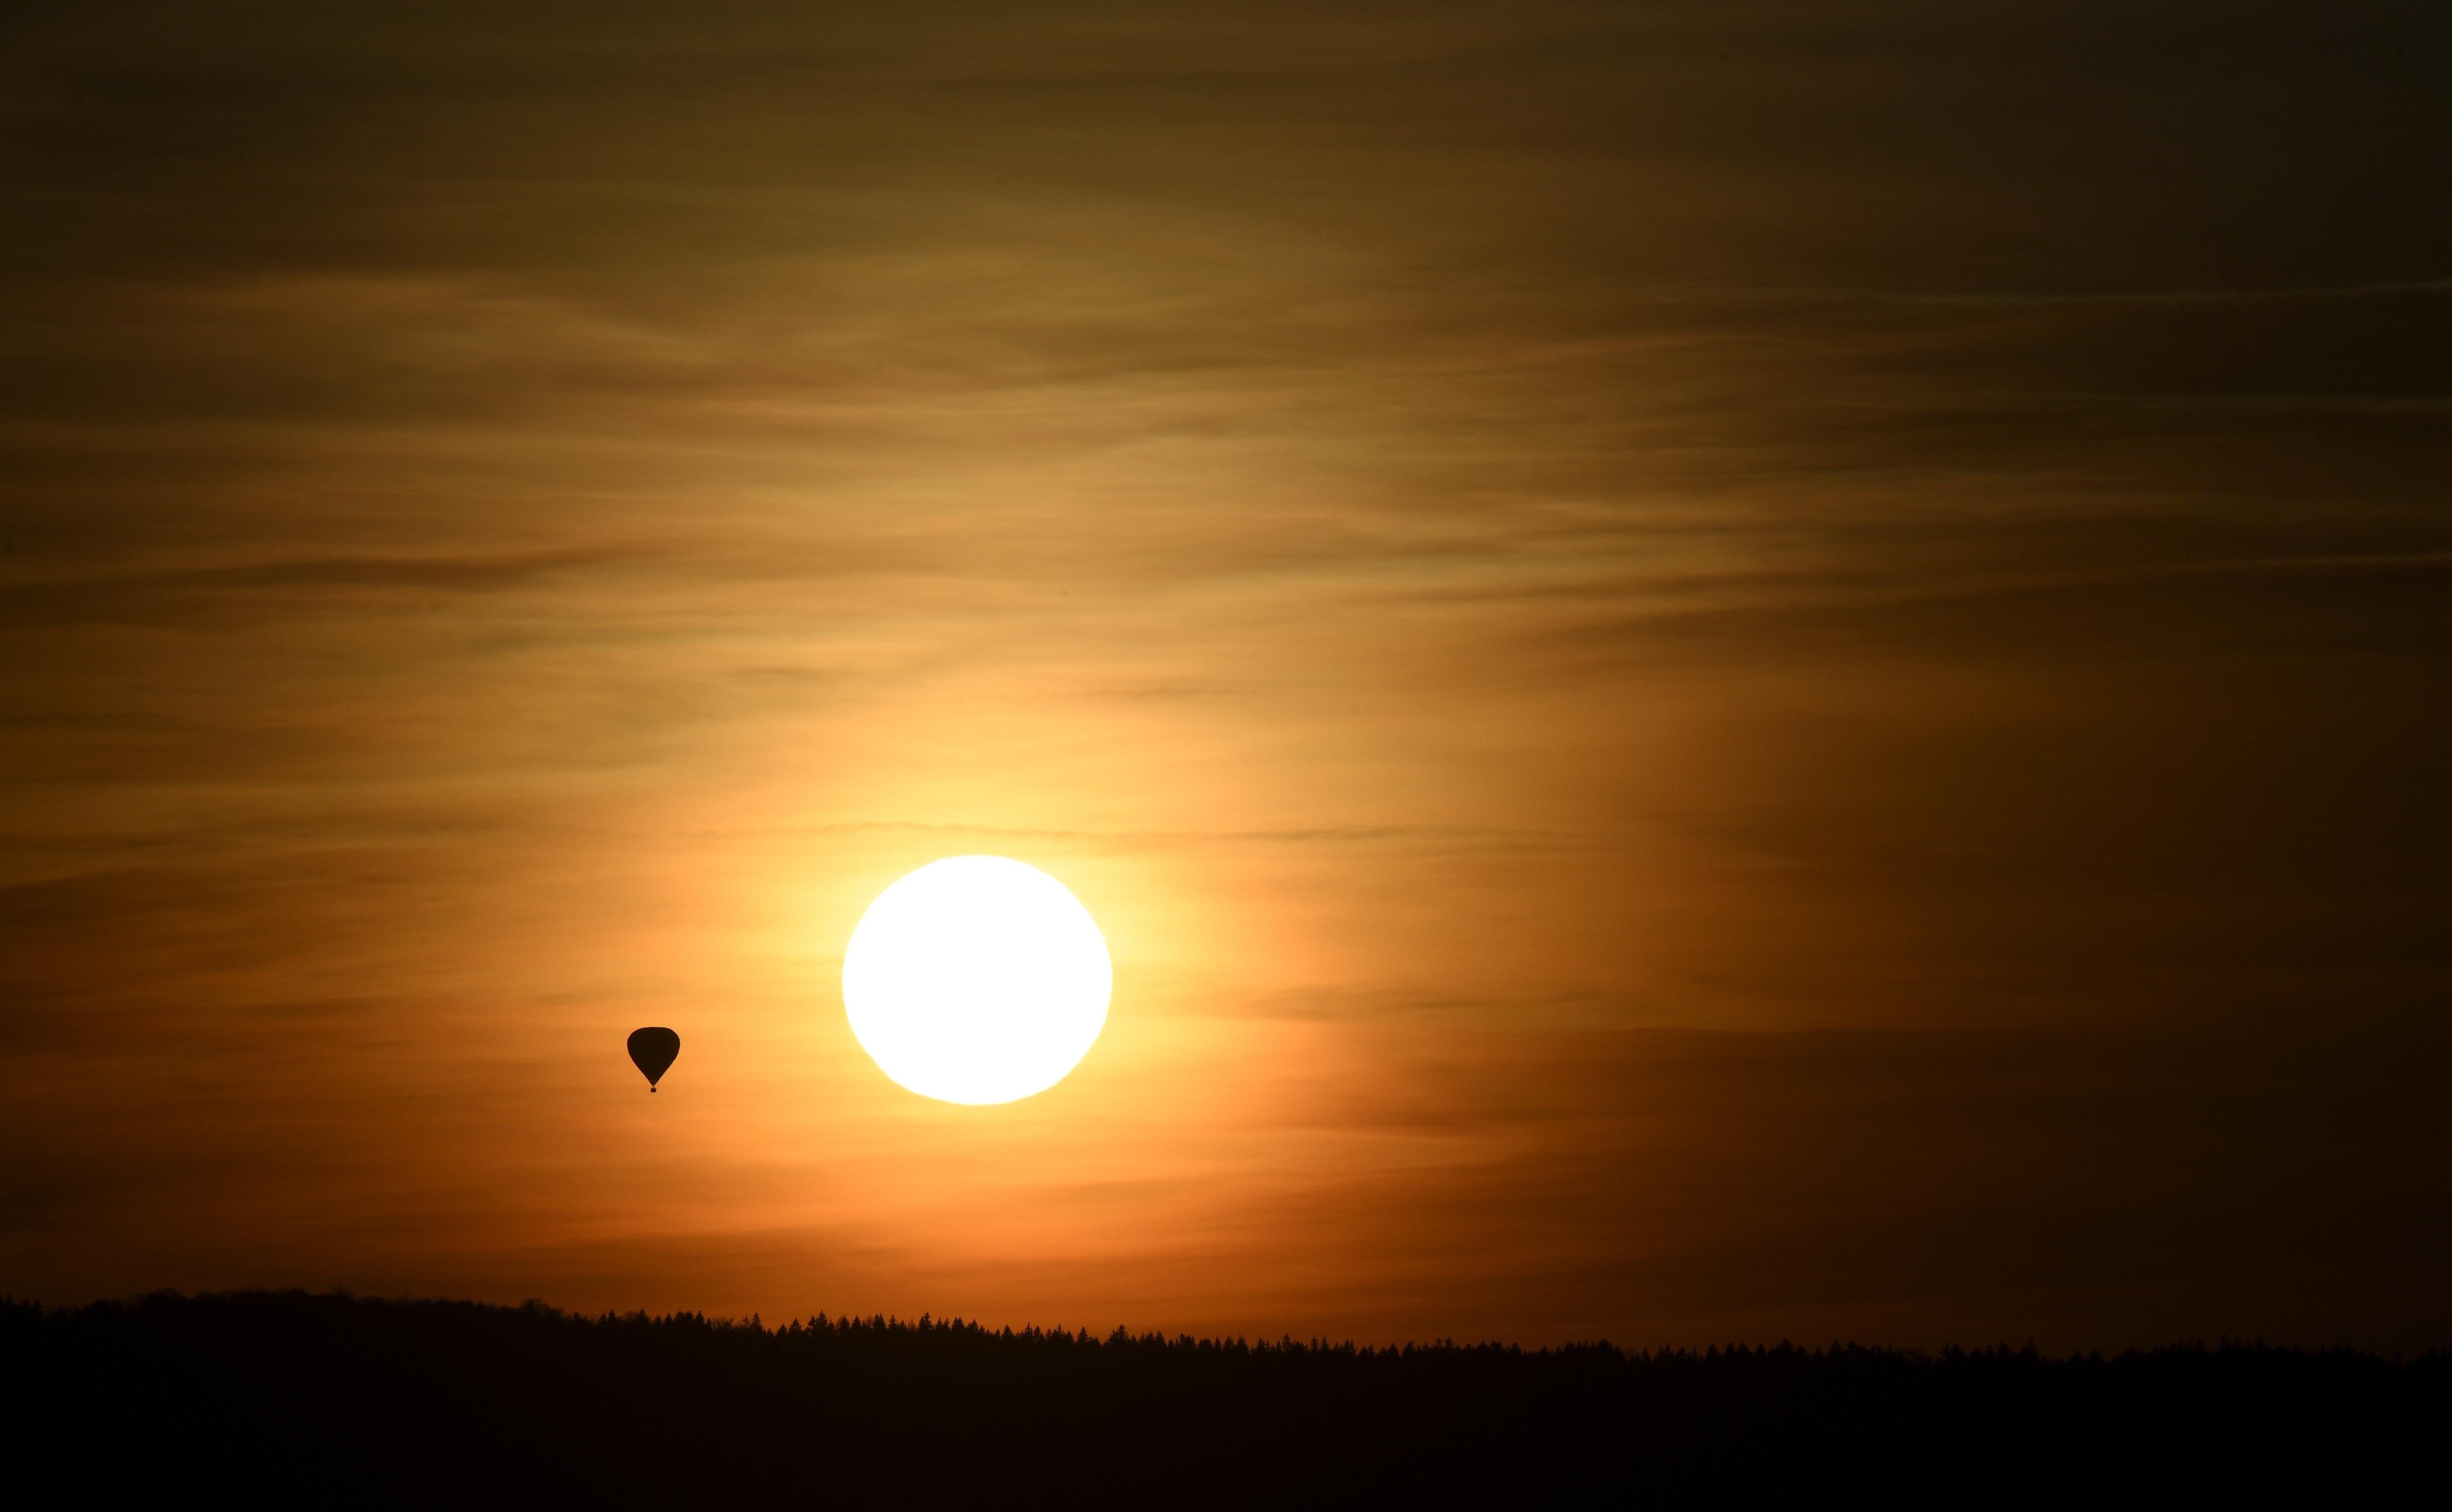 A hot air balloon flies as the sun sets.